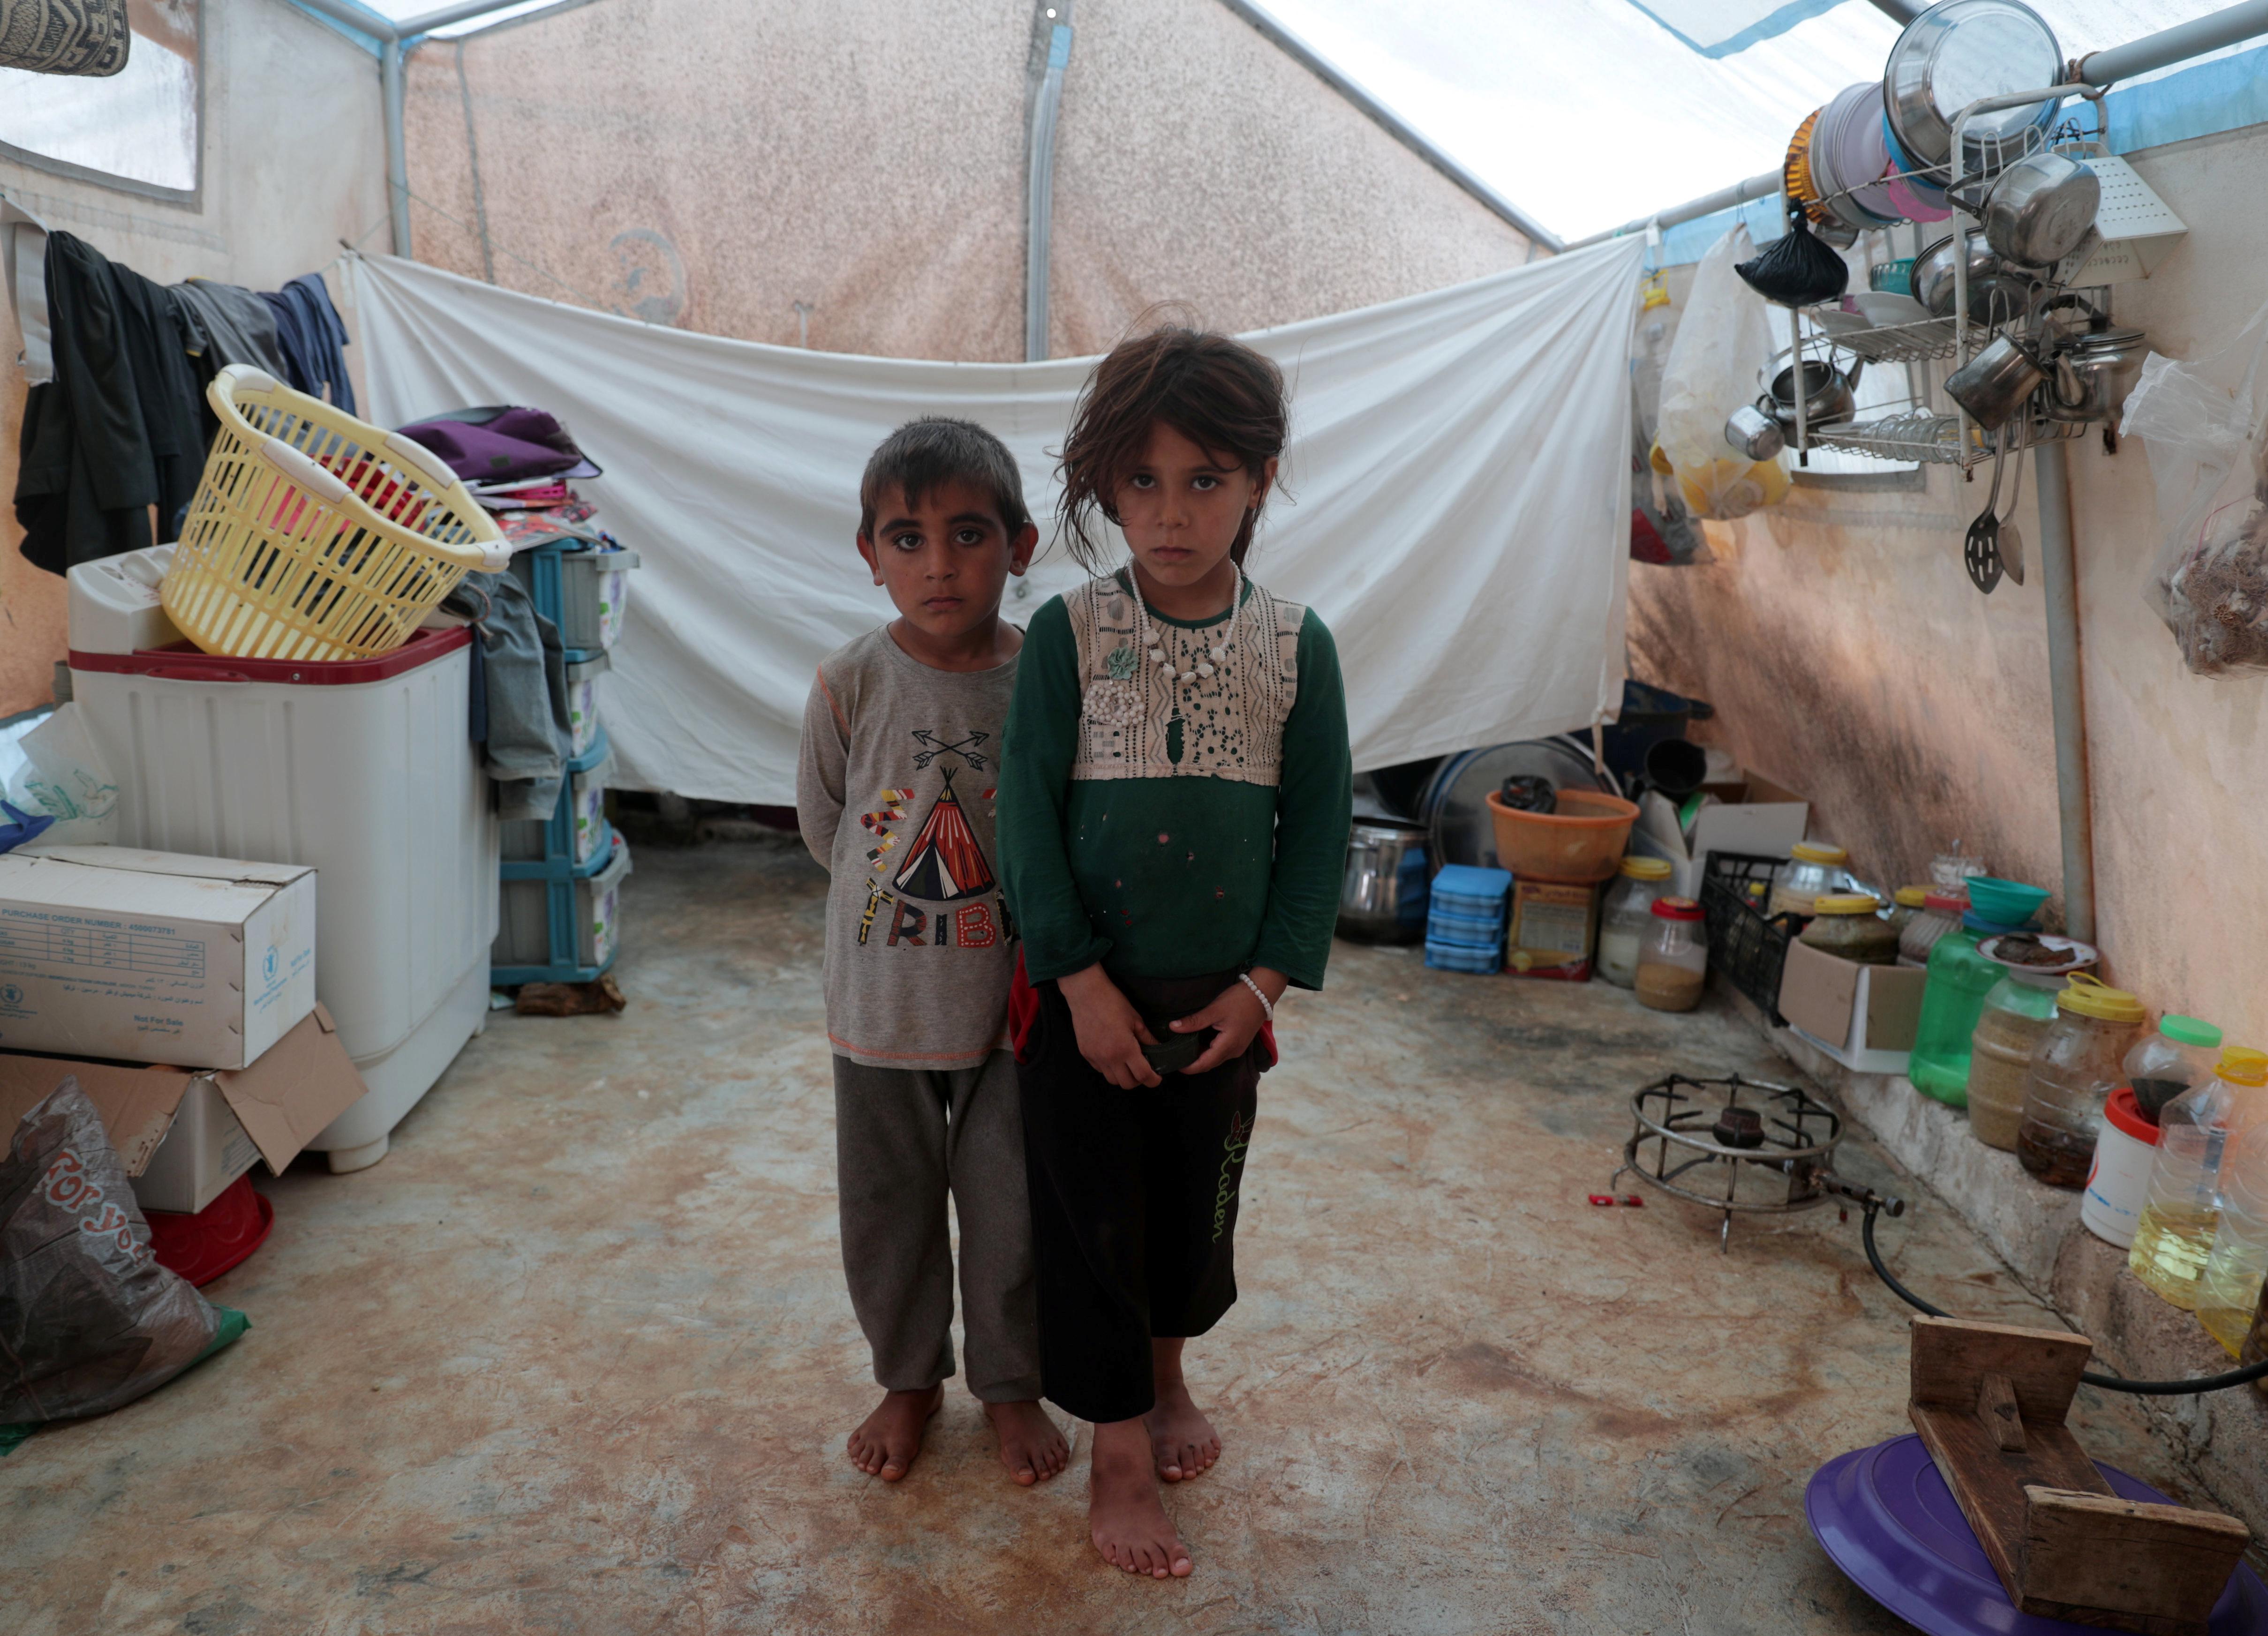 Jumana y Farhan al-Alyawi, gemelos sirios de 8 años desplazados del este de Idlib, posan para una foto en su tienda de campaña en el campamento de Atmeh (REUTERS / Khalil Ashawi)